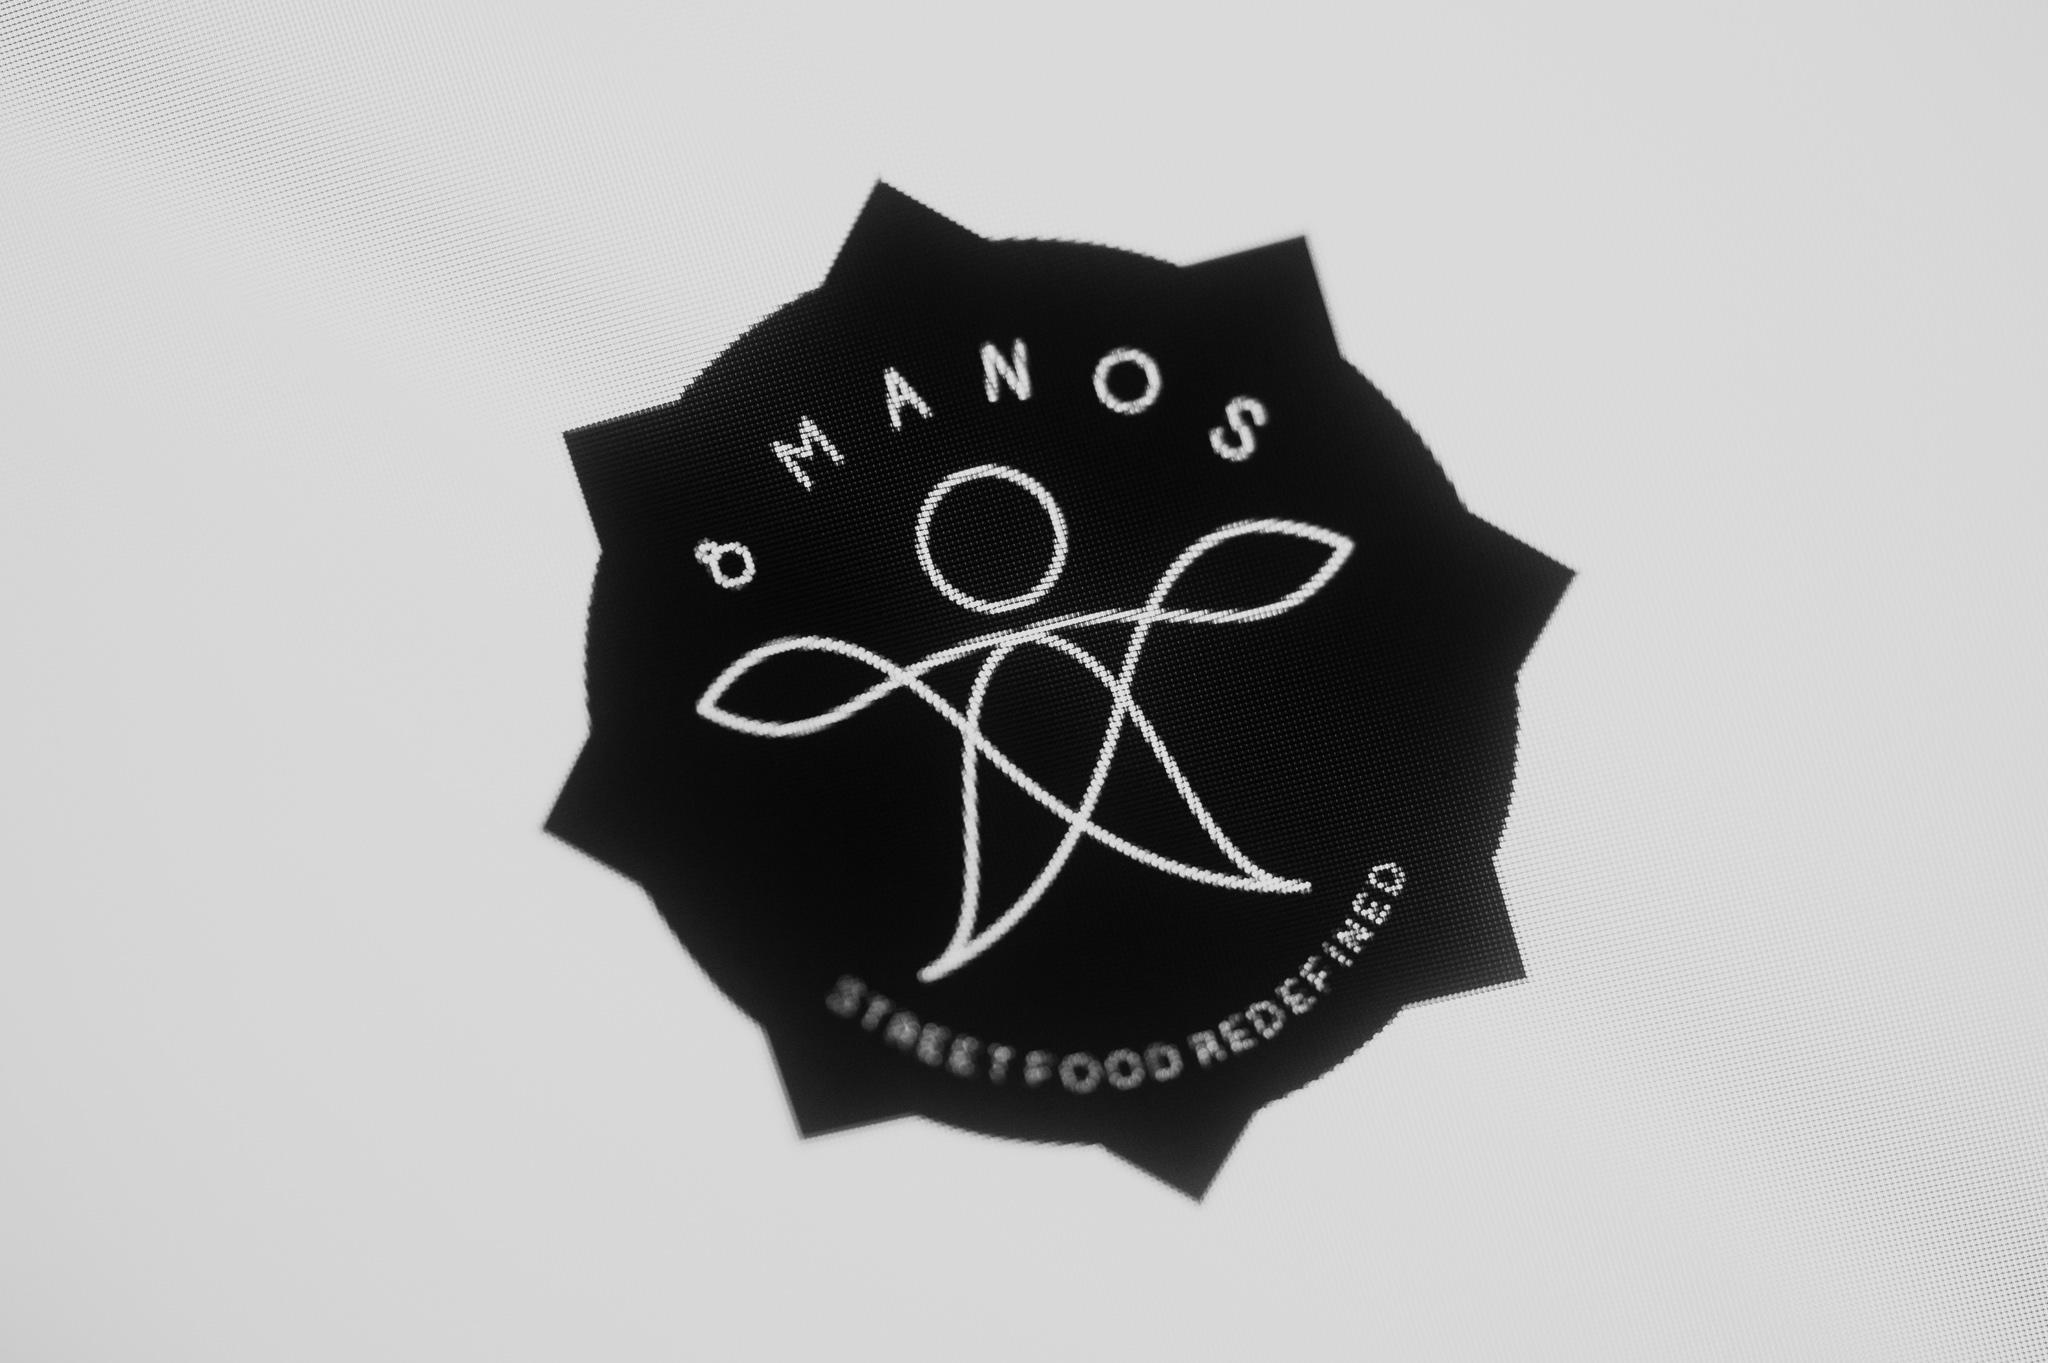 GD_8manos_logo_01